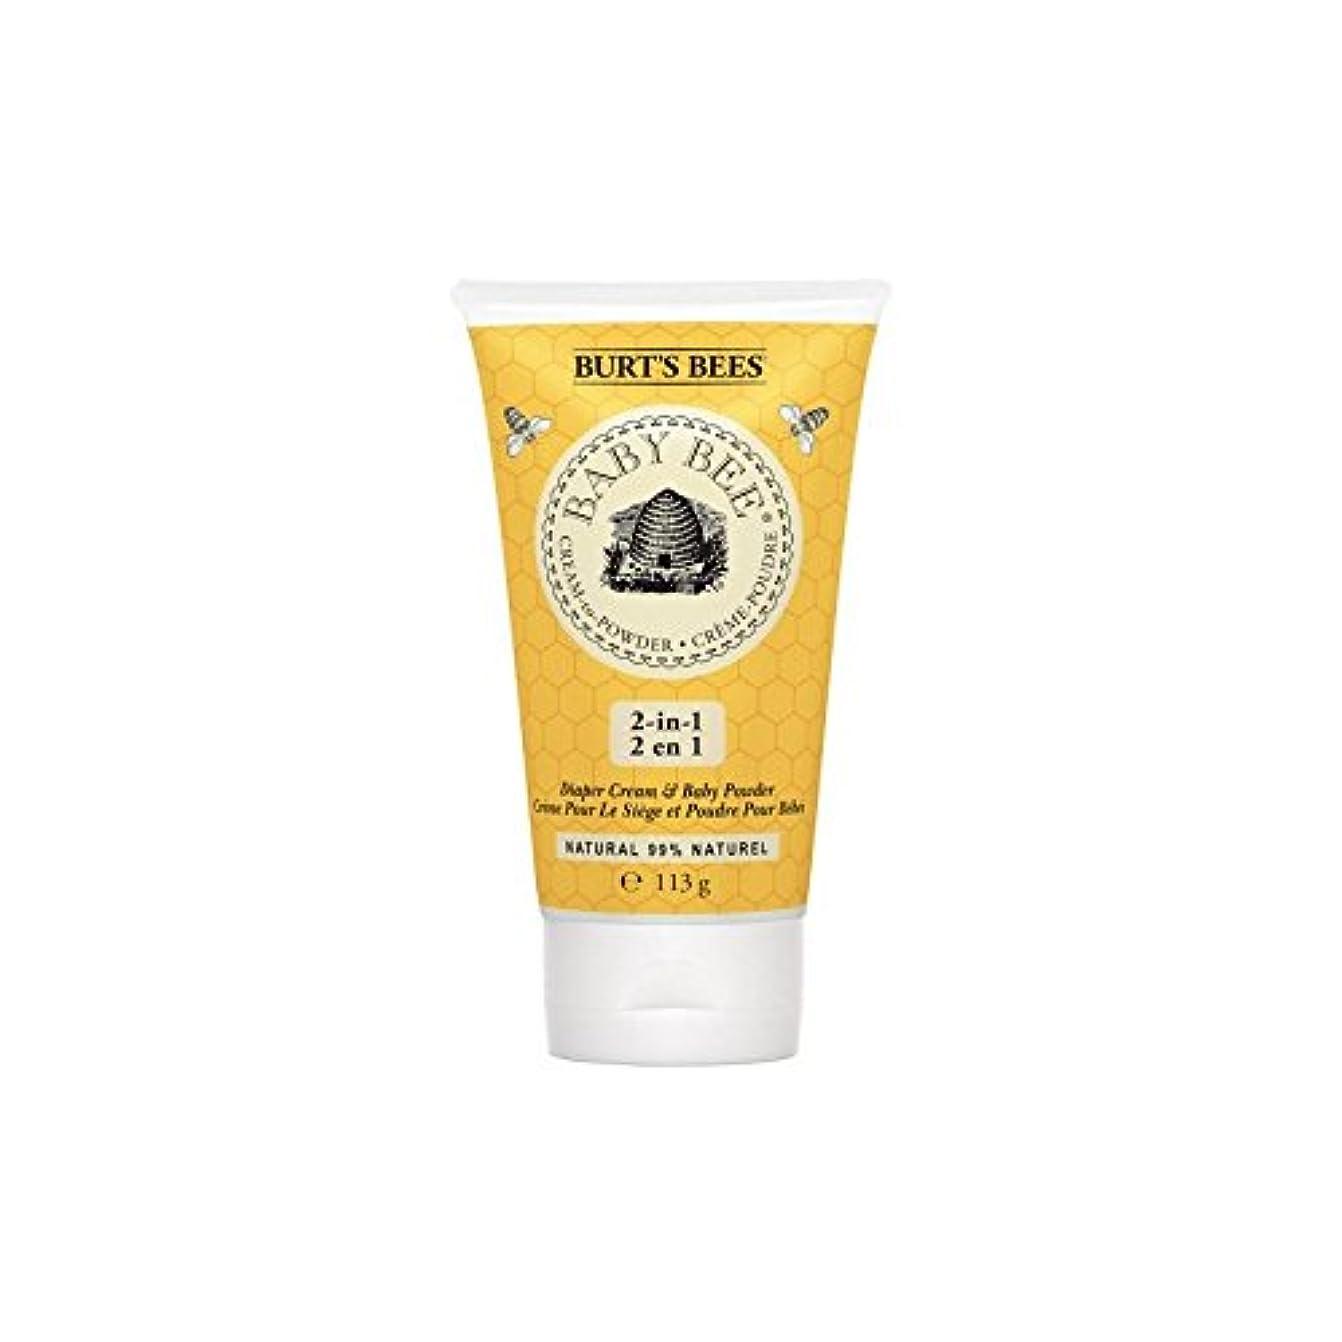 粉末にバーツビークリーム x2 - Burt's Bees Cream to Powder (Pack of 2) [並行輸入品]